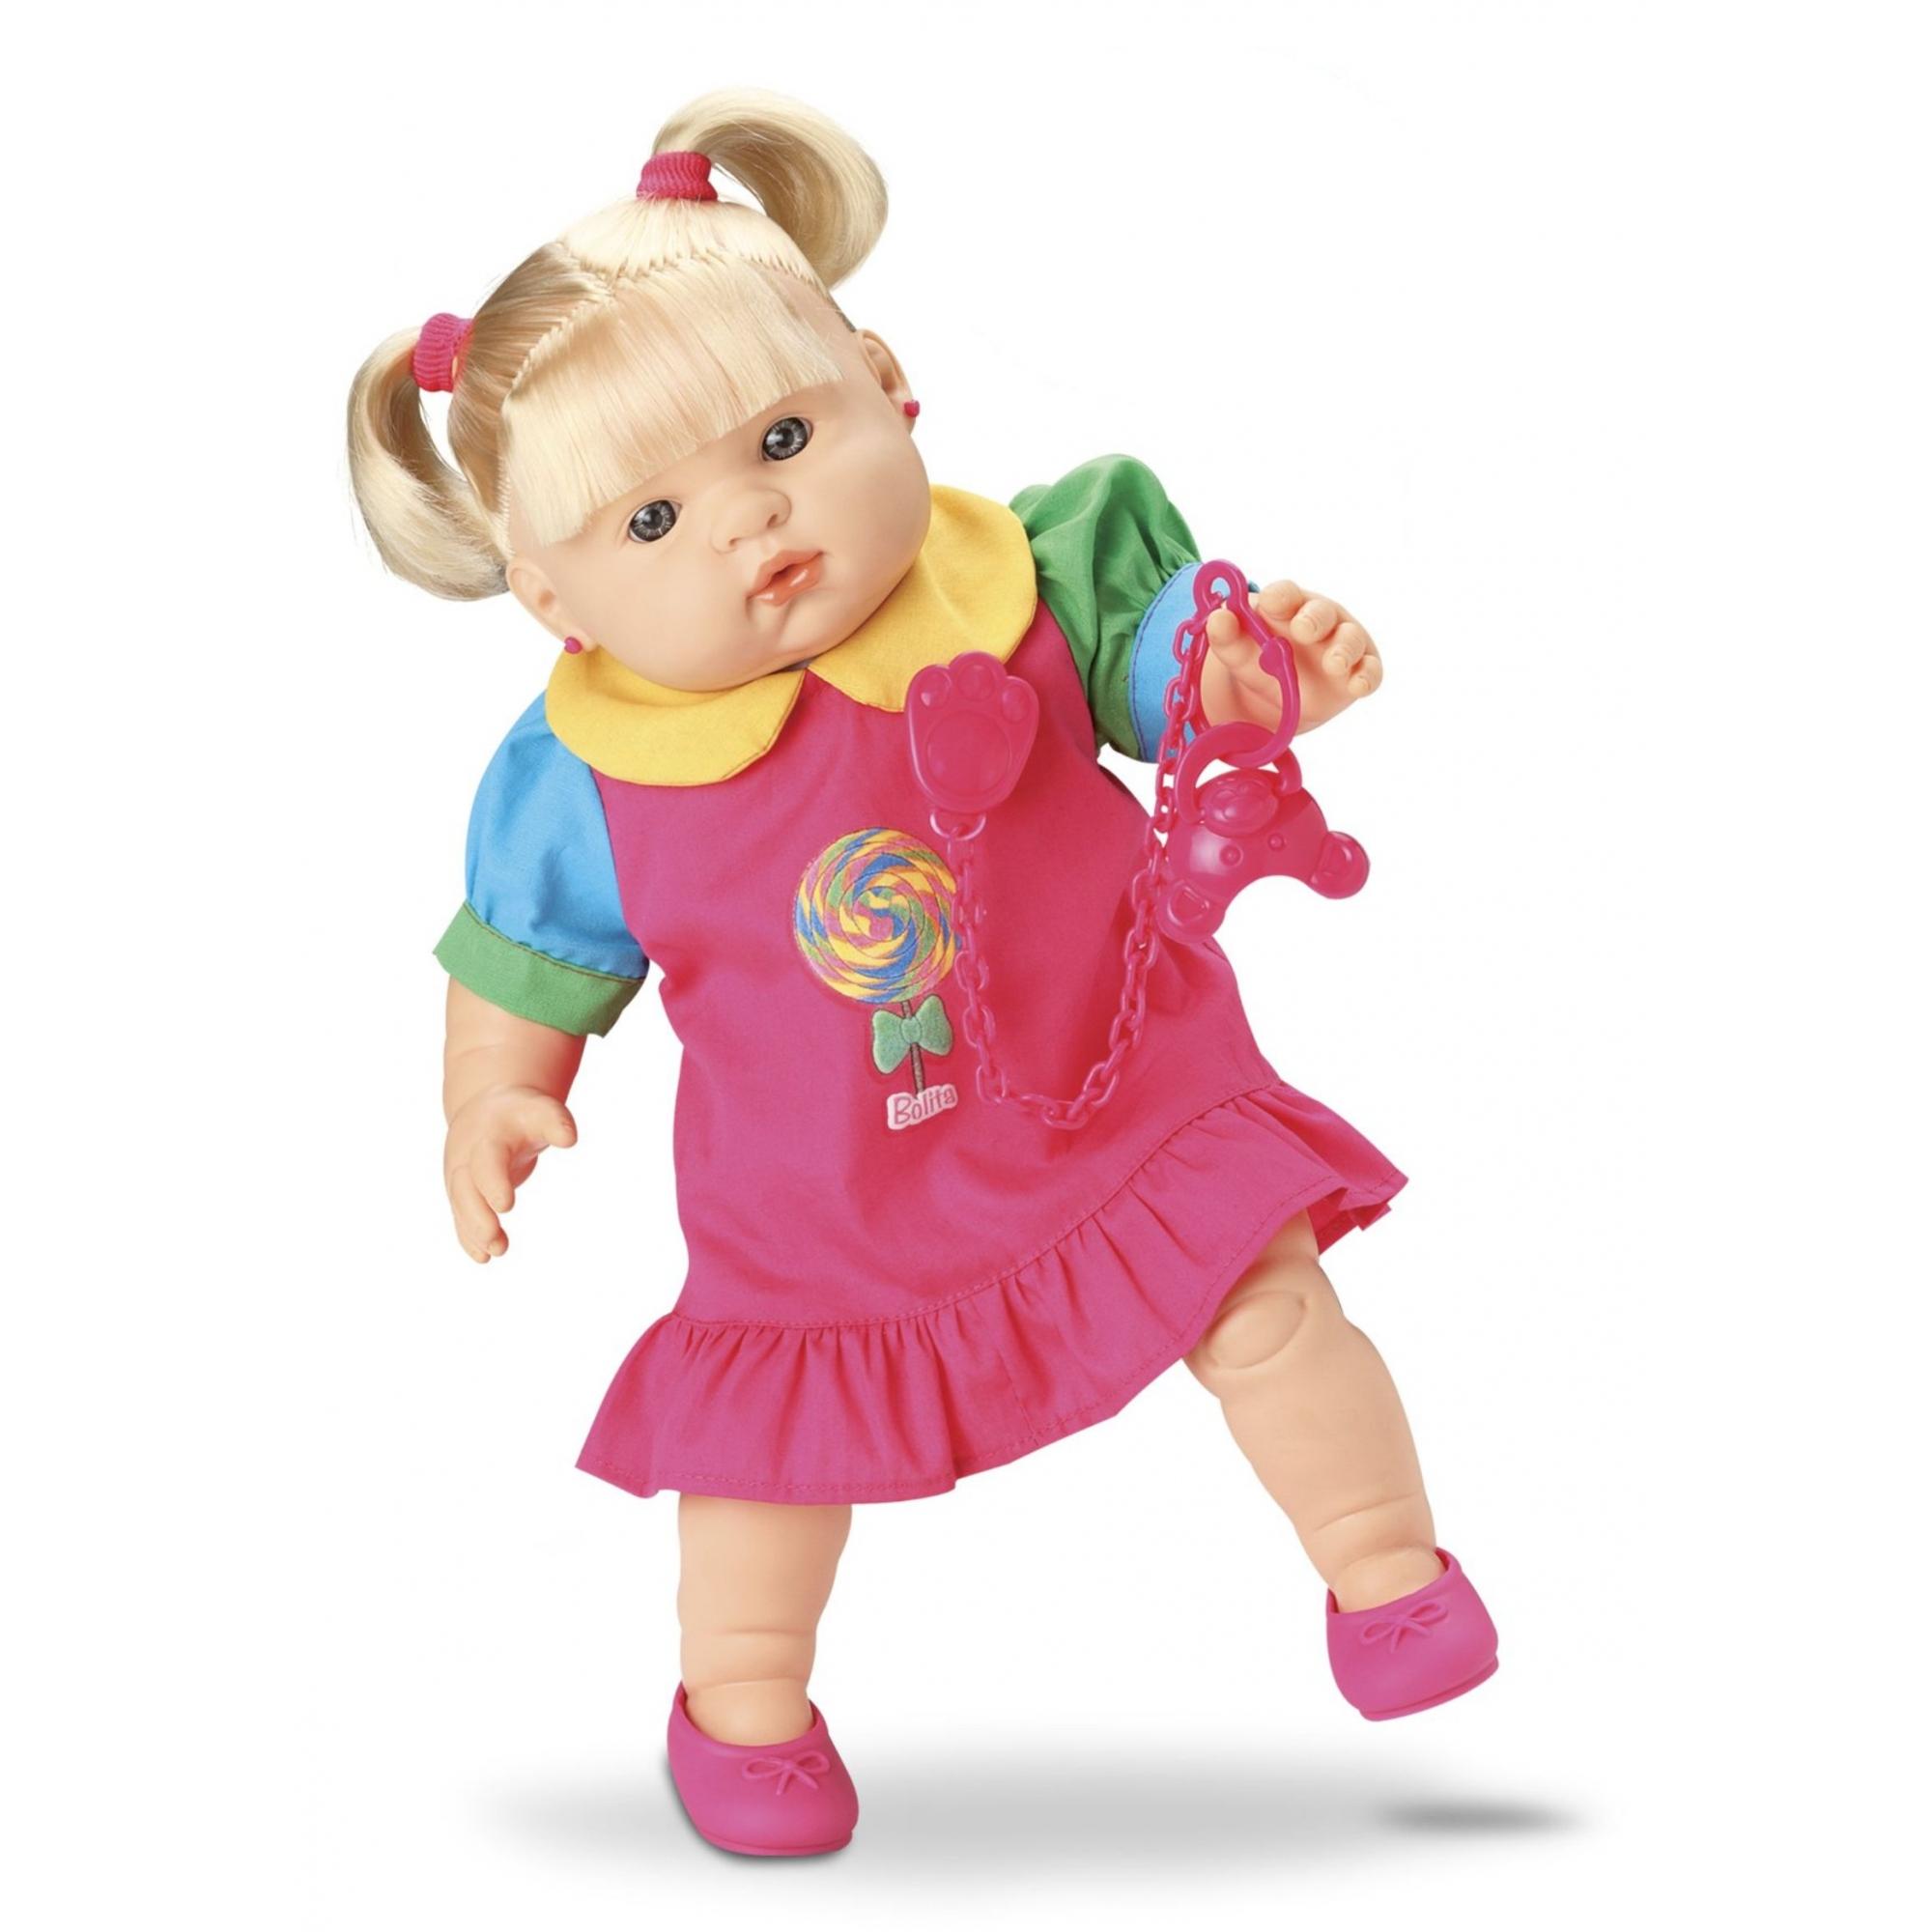 Boneca Bolita - 100 Frases - Roma Brinquedos